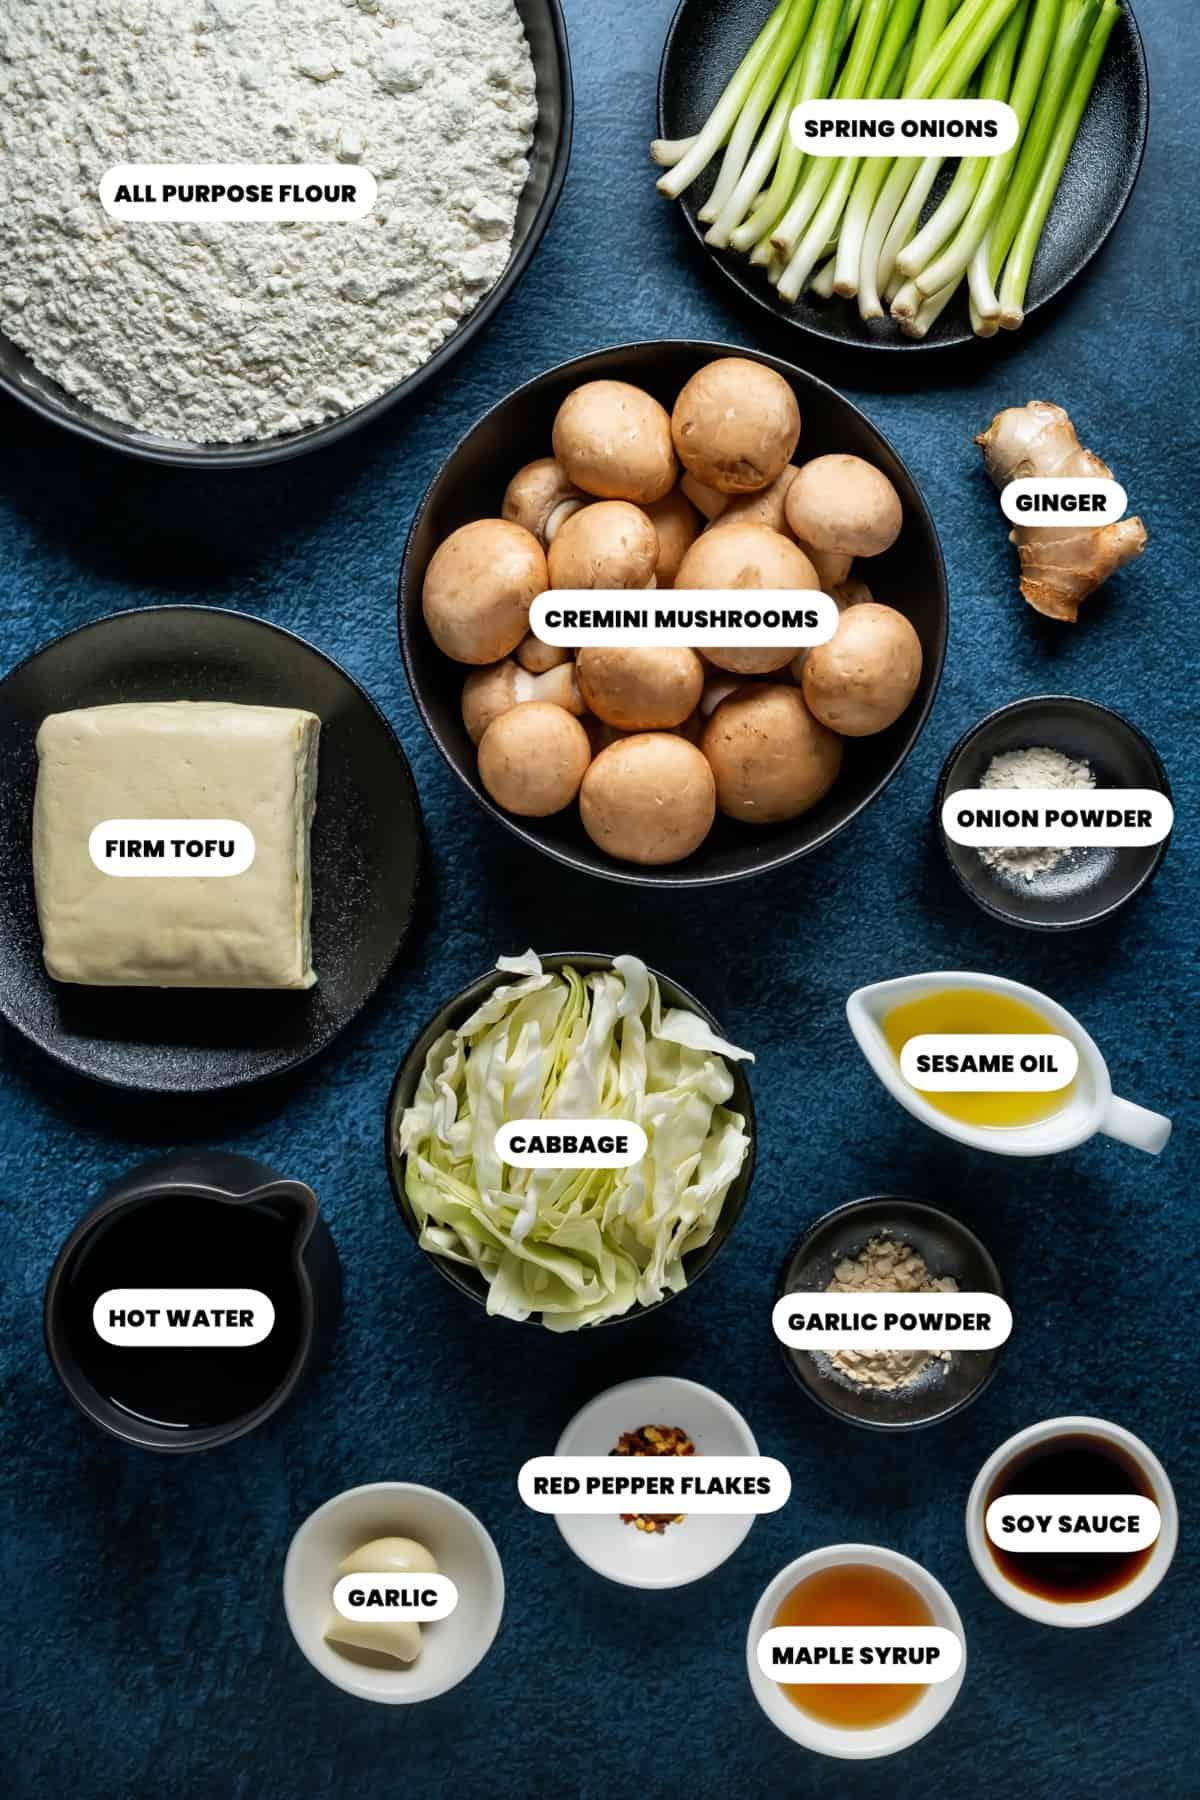 Photo of the ingredients needed to make vegan dumplings